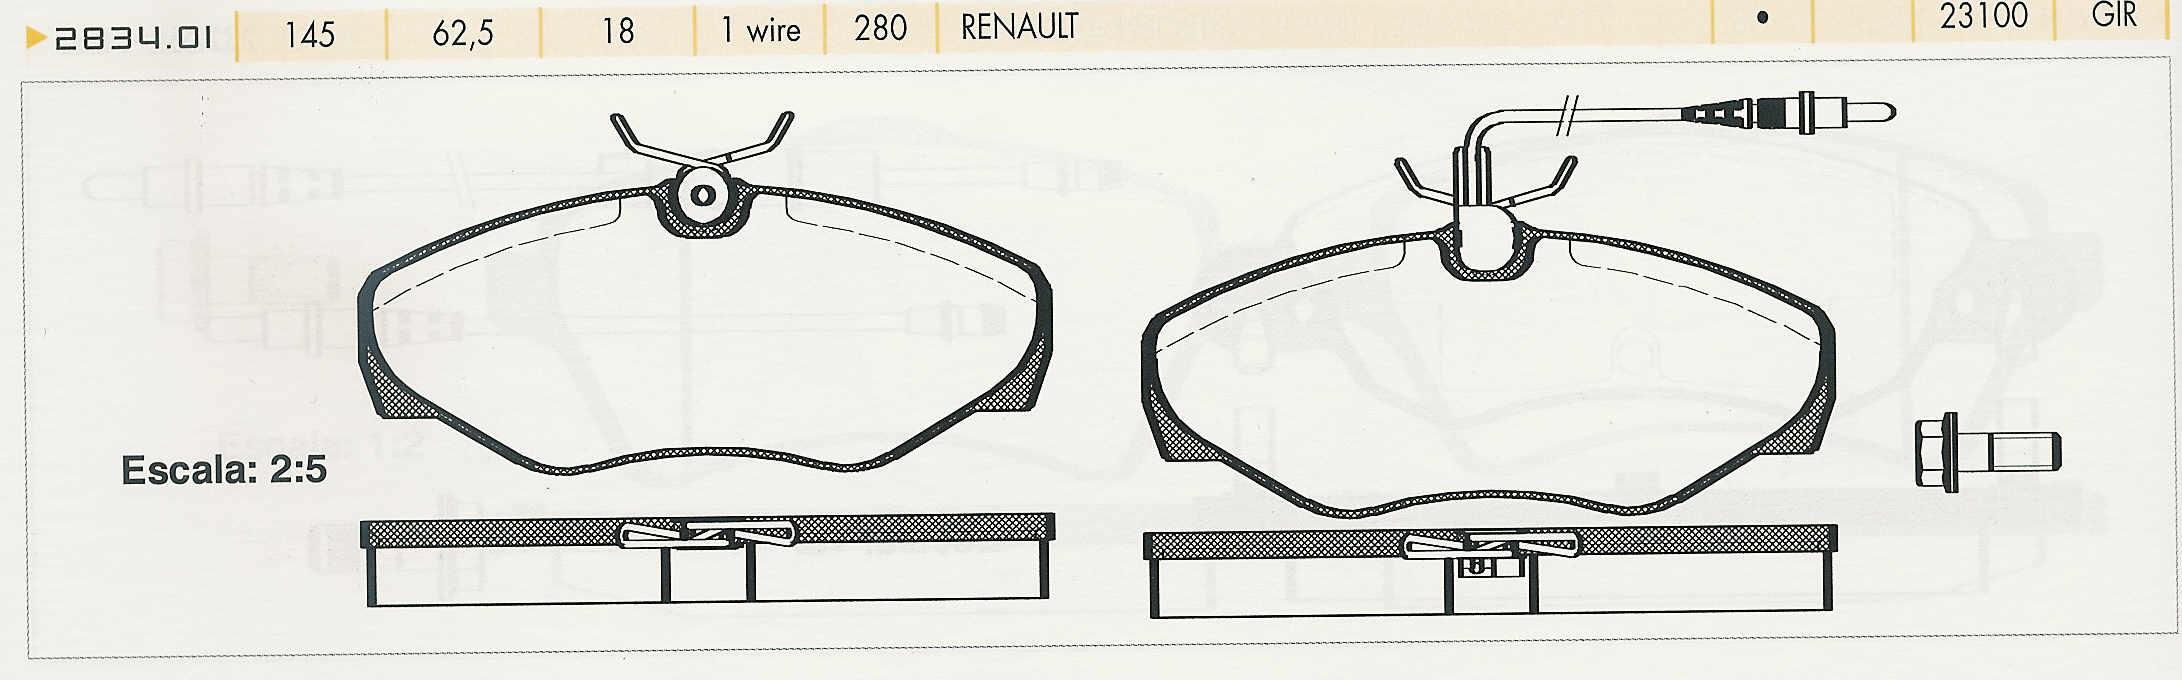 Gebrder Knechtli Autoersatzteilhandel Und Autozubehr Renault Espace Je Wiring Diagram Bremskltze Iii 30 V6 1098 0700 Vorne